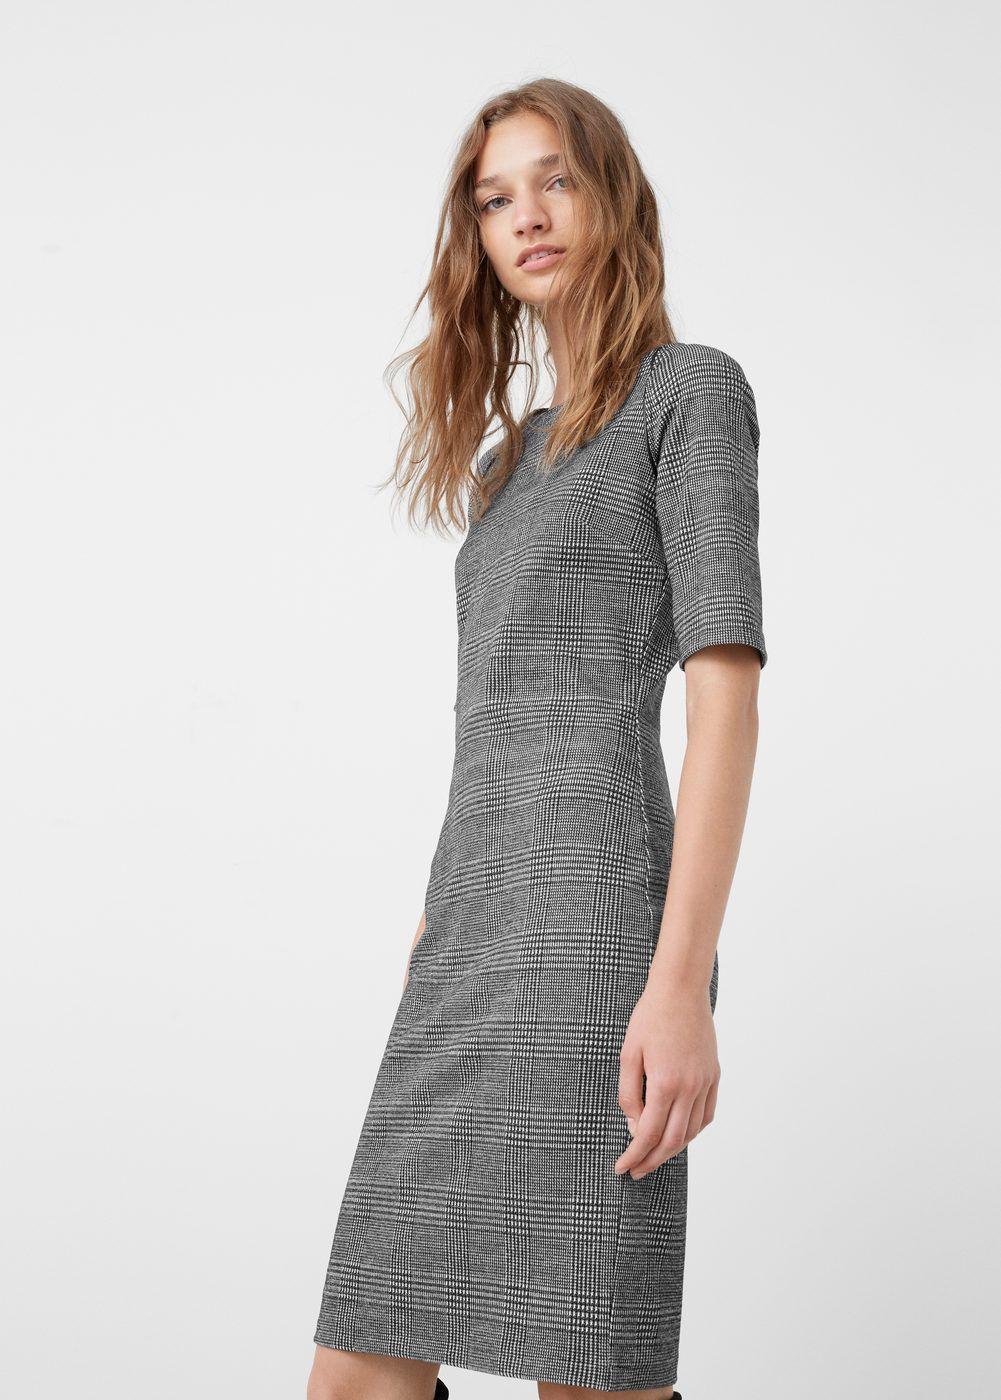 online aquí a pies en nuevas variedades Pin en dresses